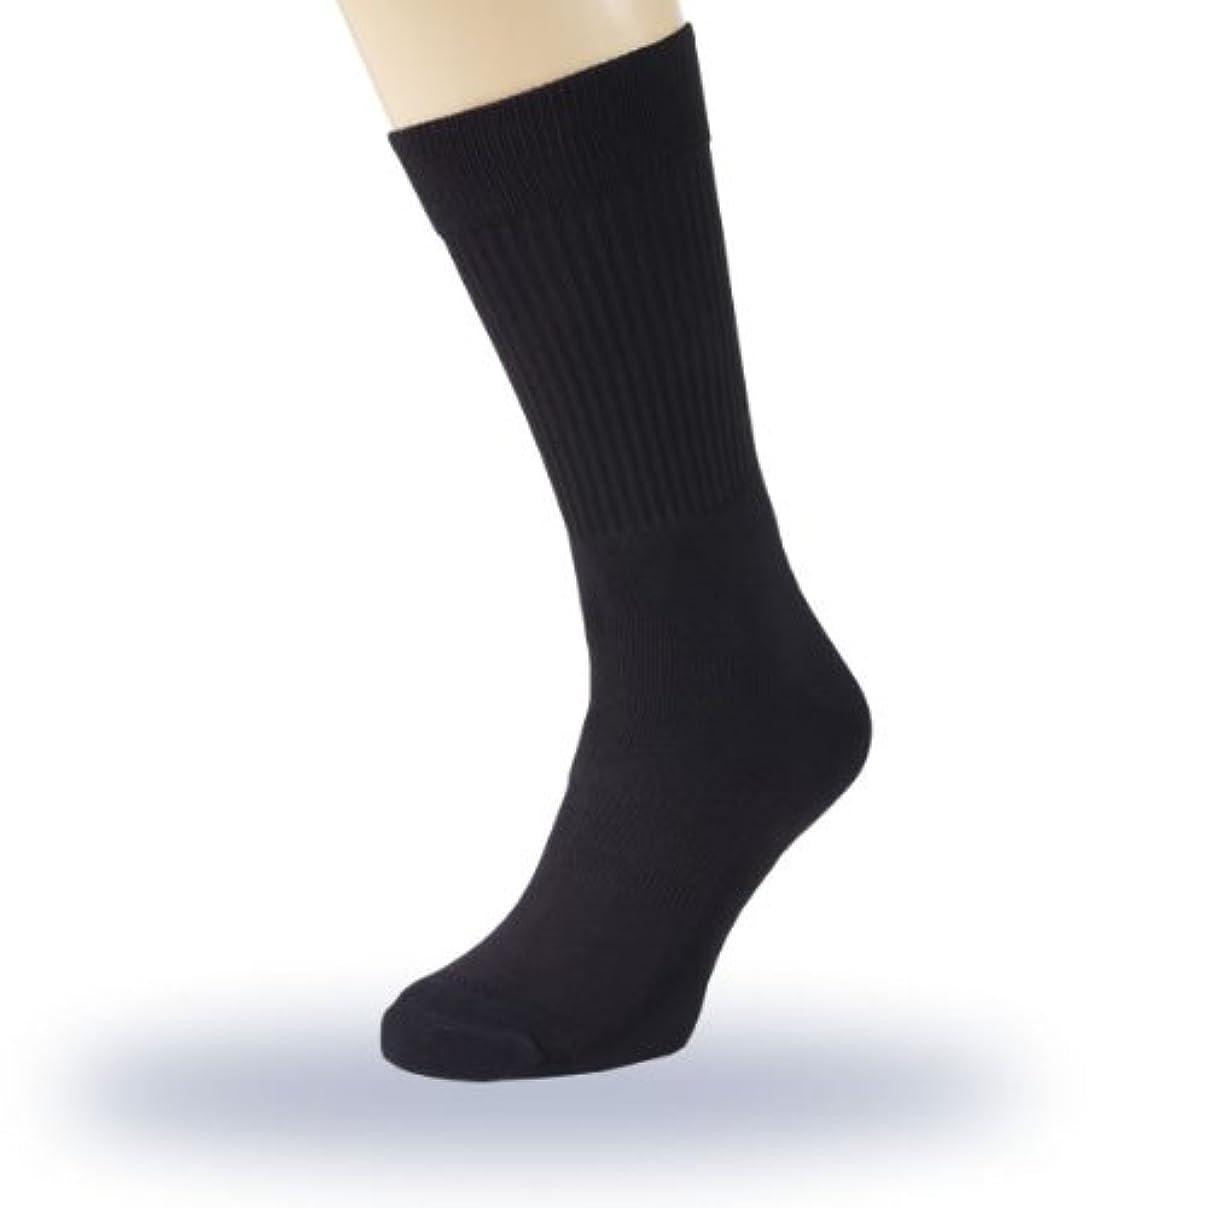 フットケアソックス PROTECT iT(プロテクトイット) 男女兼用 ブラック (S 20cm~22.5cm)